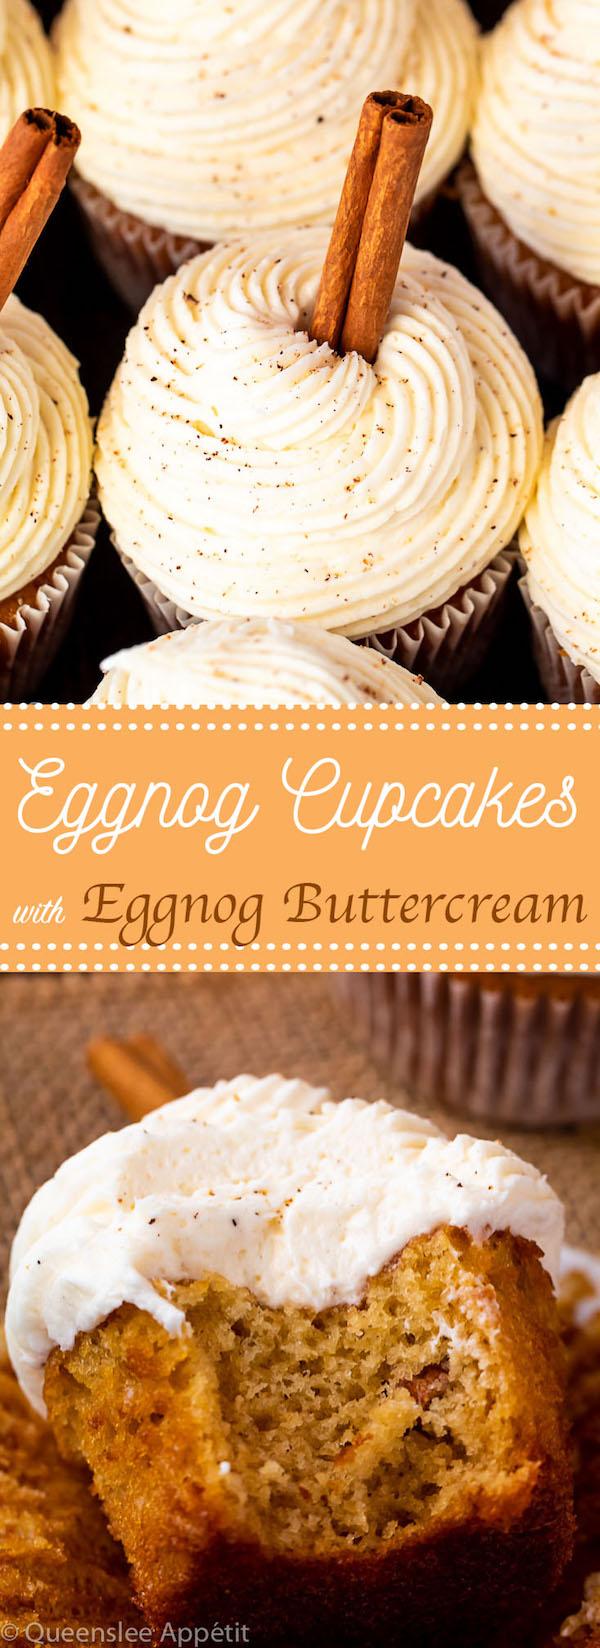 Eggnog Cupcakes with Eggnog Buttercream